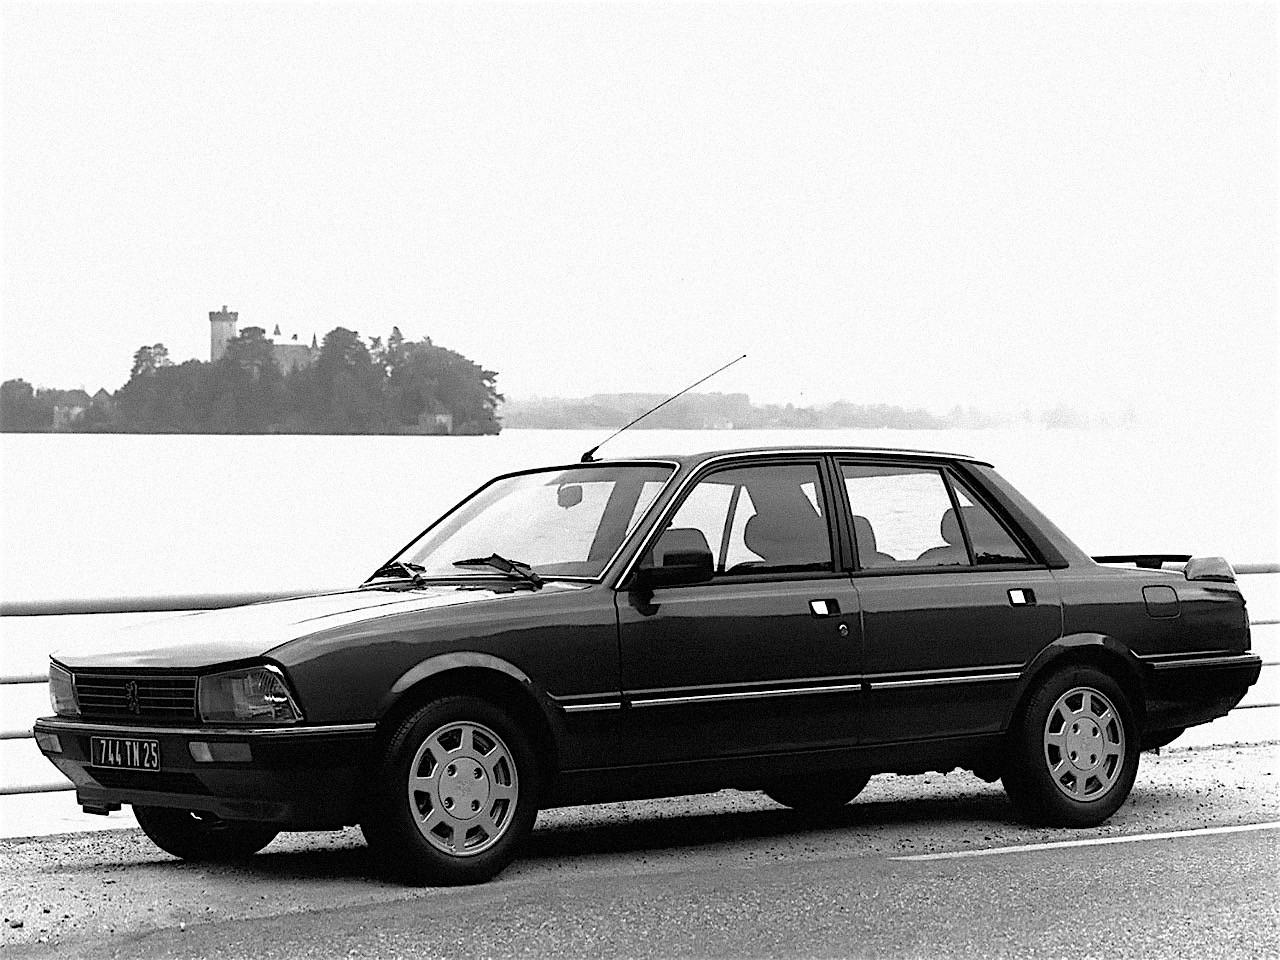 Trw Liefert Elektrische Servolenkungen Nach China as well Peugeot 505 1985 likewise 2015 Lotus Exige S Roadster in addition Mercedes Benz Slk R170 2000 further Hyundai Atos 2005. on alfa romeo steering